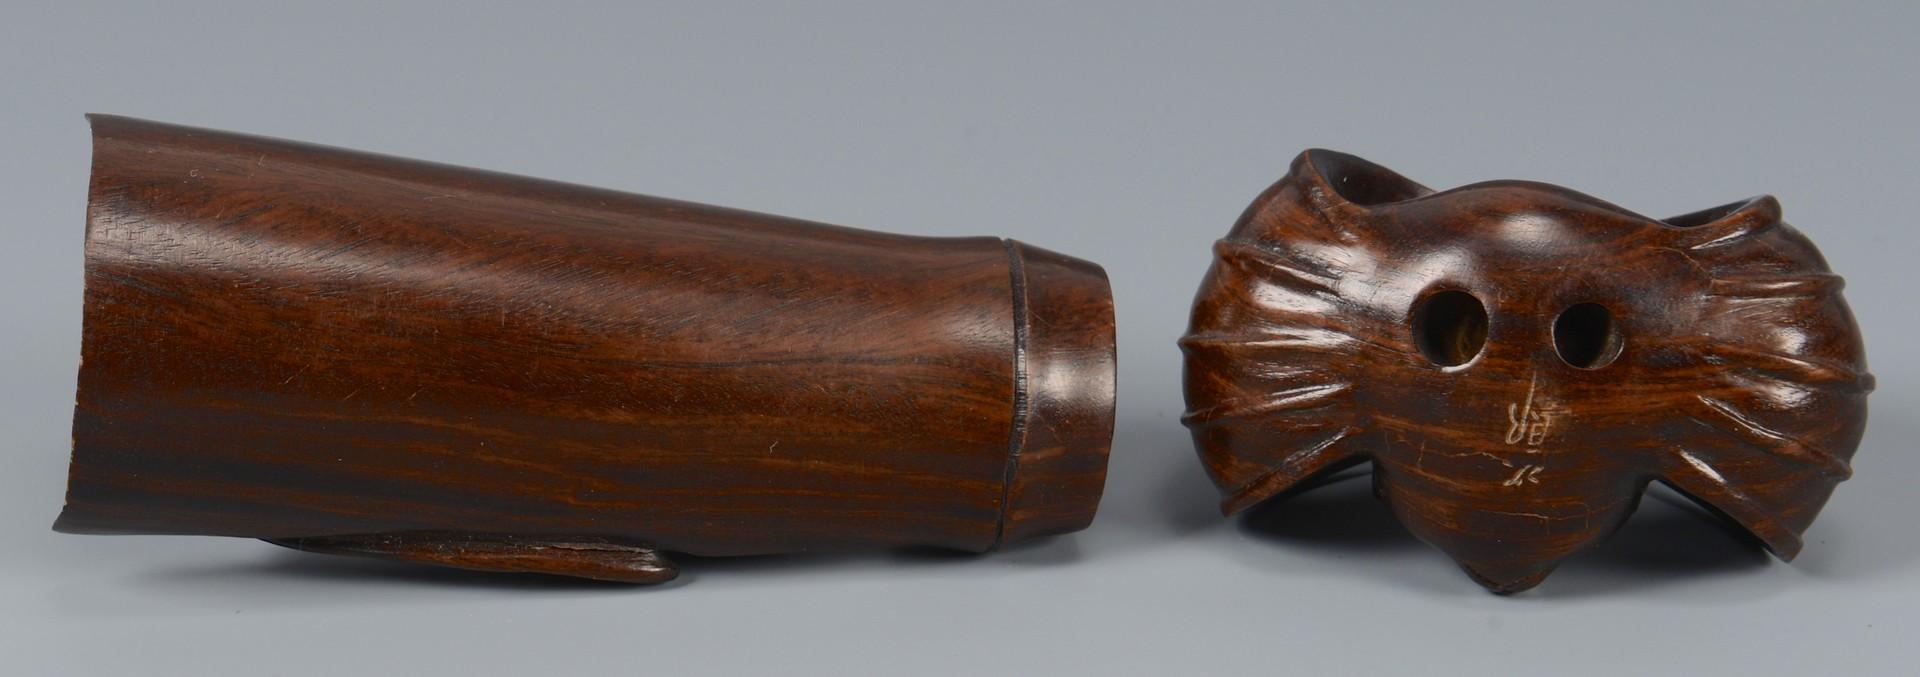 Lot 3594188: 7 carved, signed hardwood netsukes